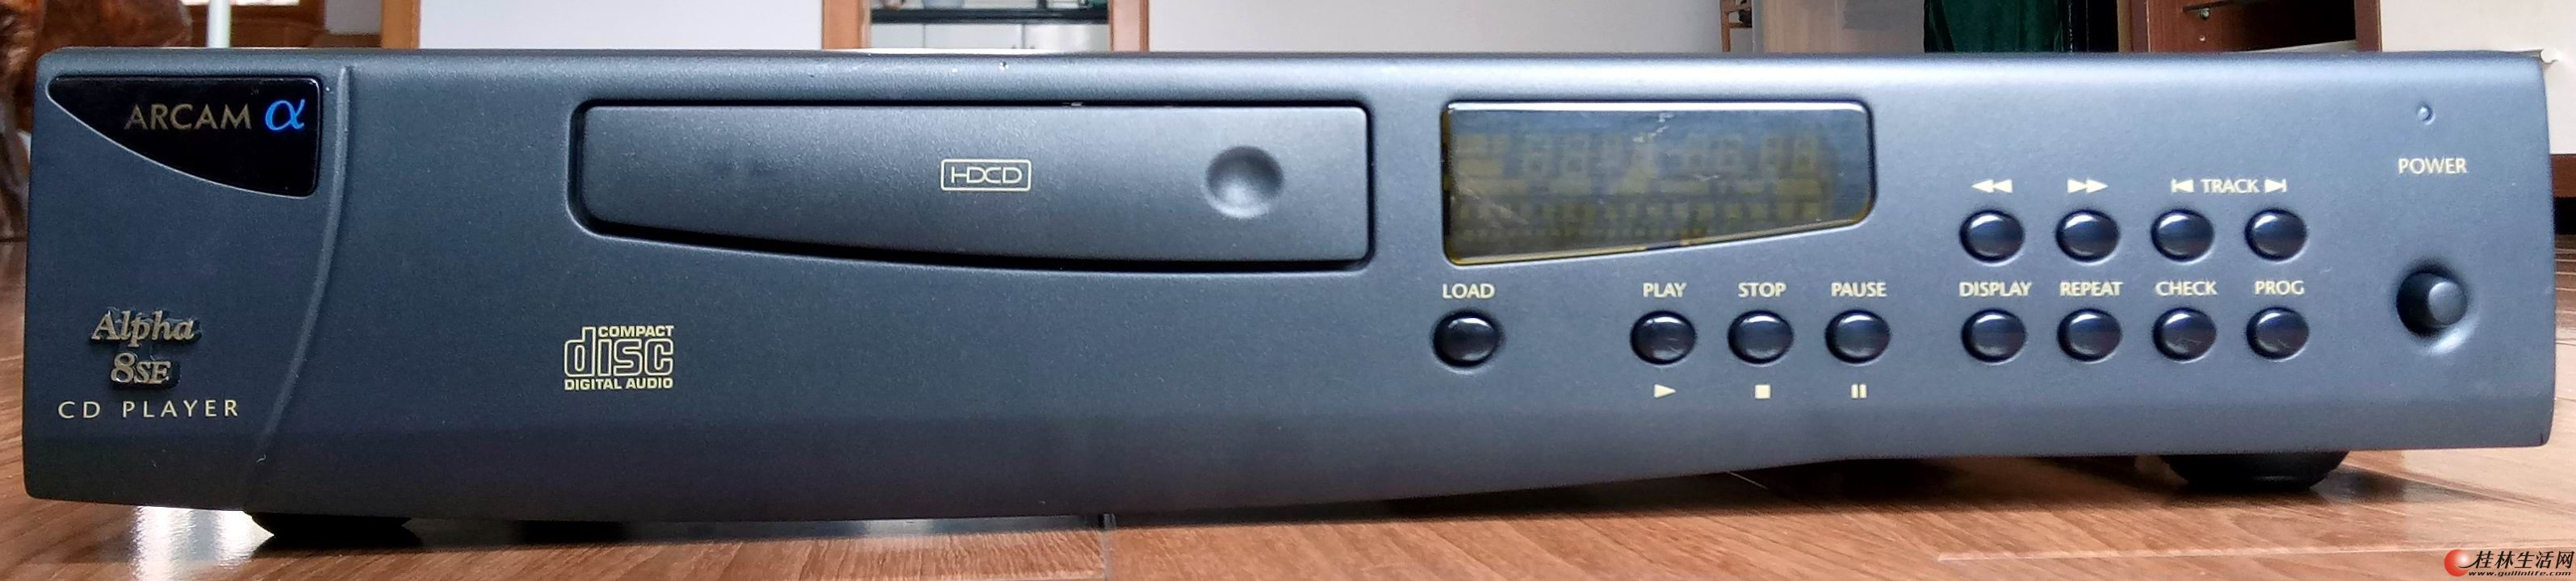 器材升级出闲置英国原装雅骏8sf   CD机(价格不议)